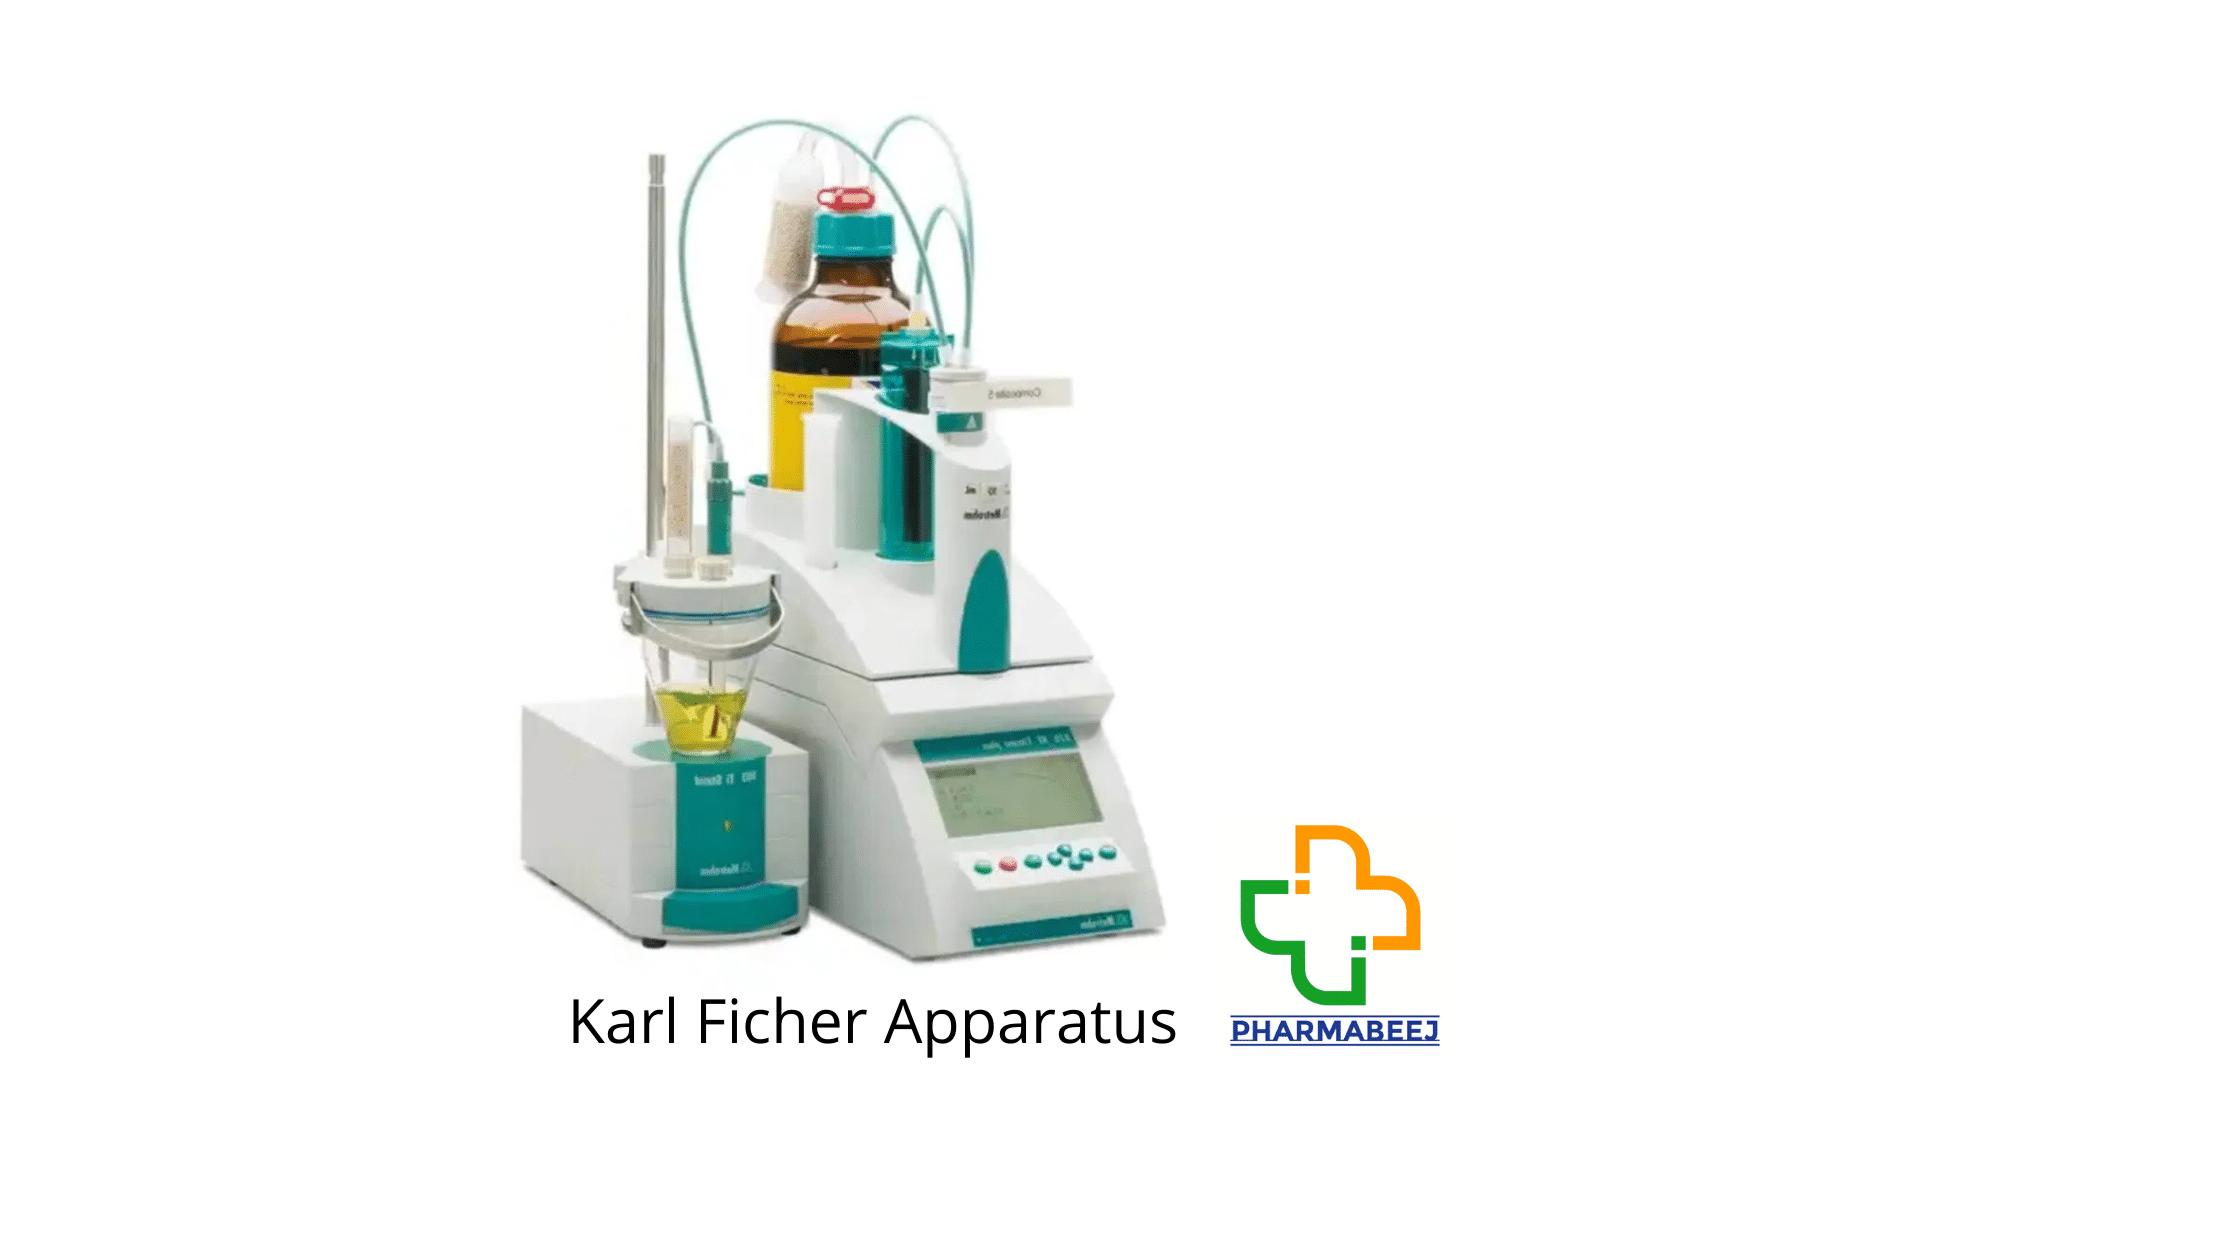 karl-fischer-apparatus